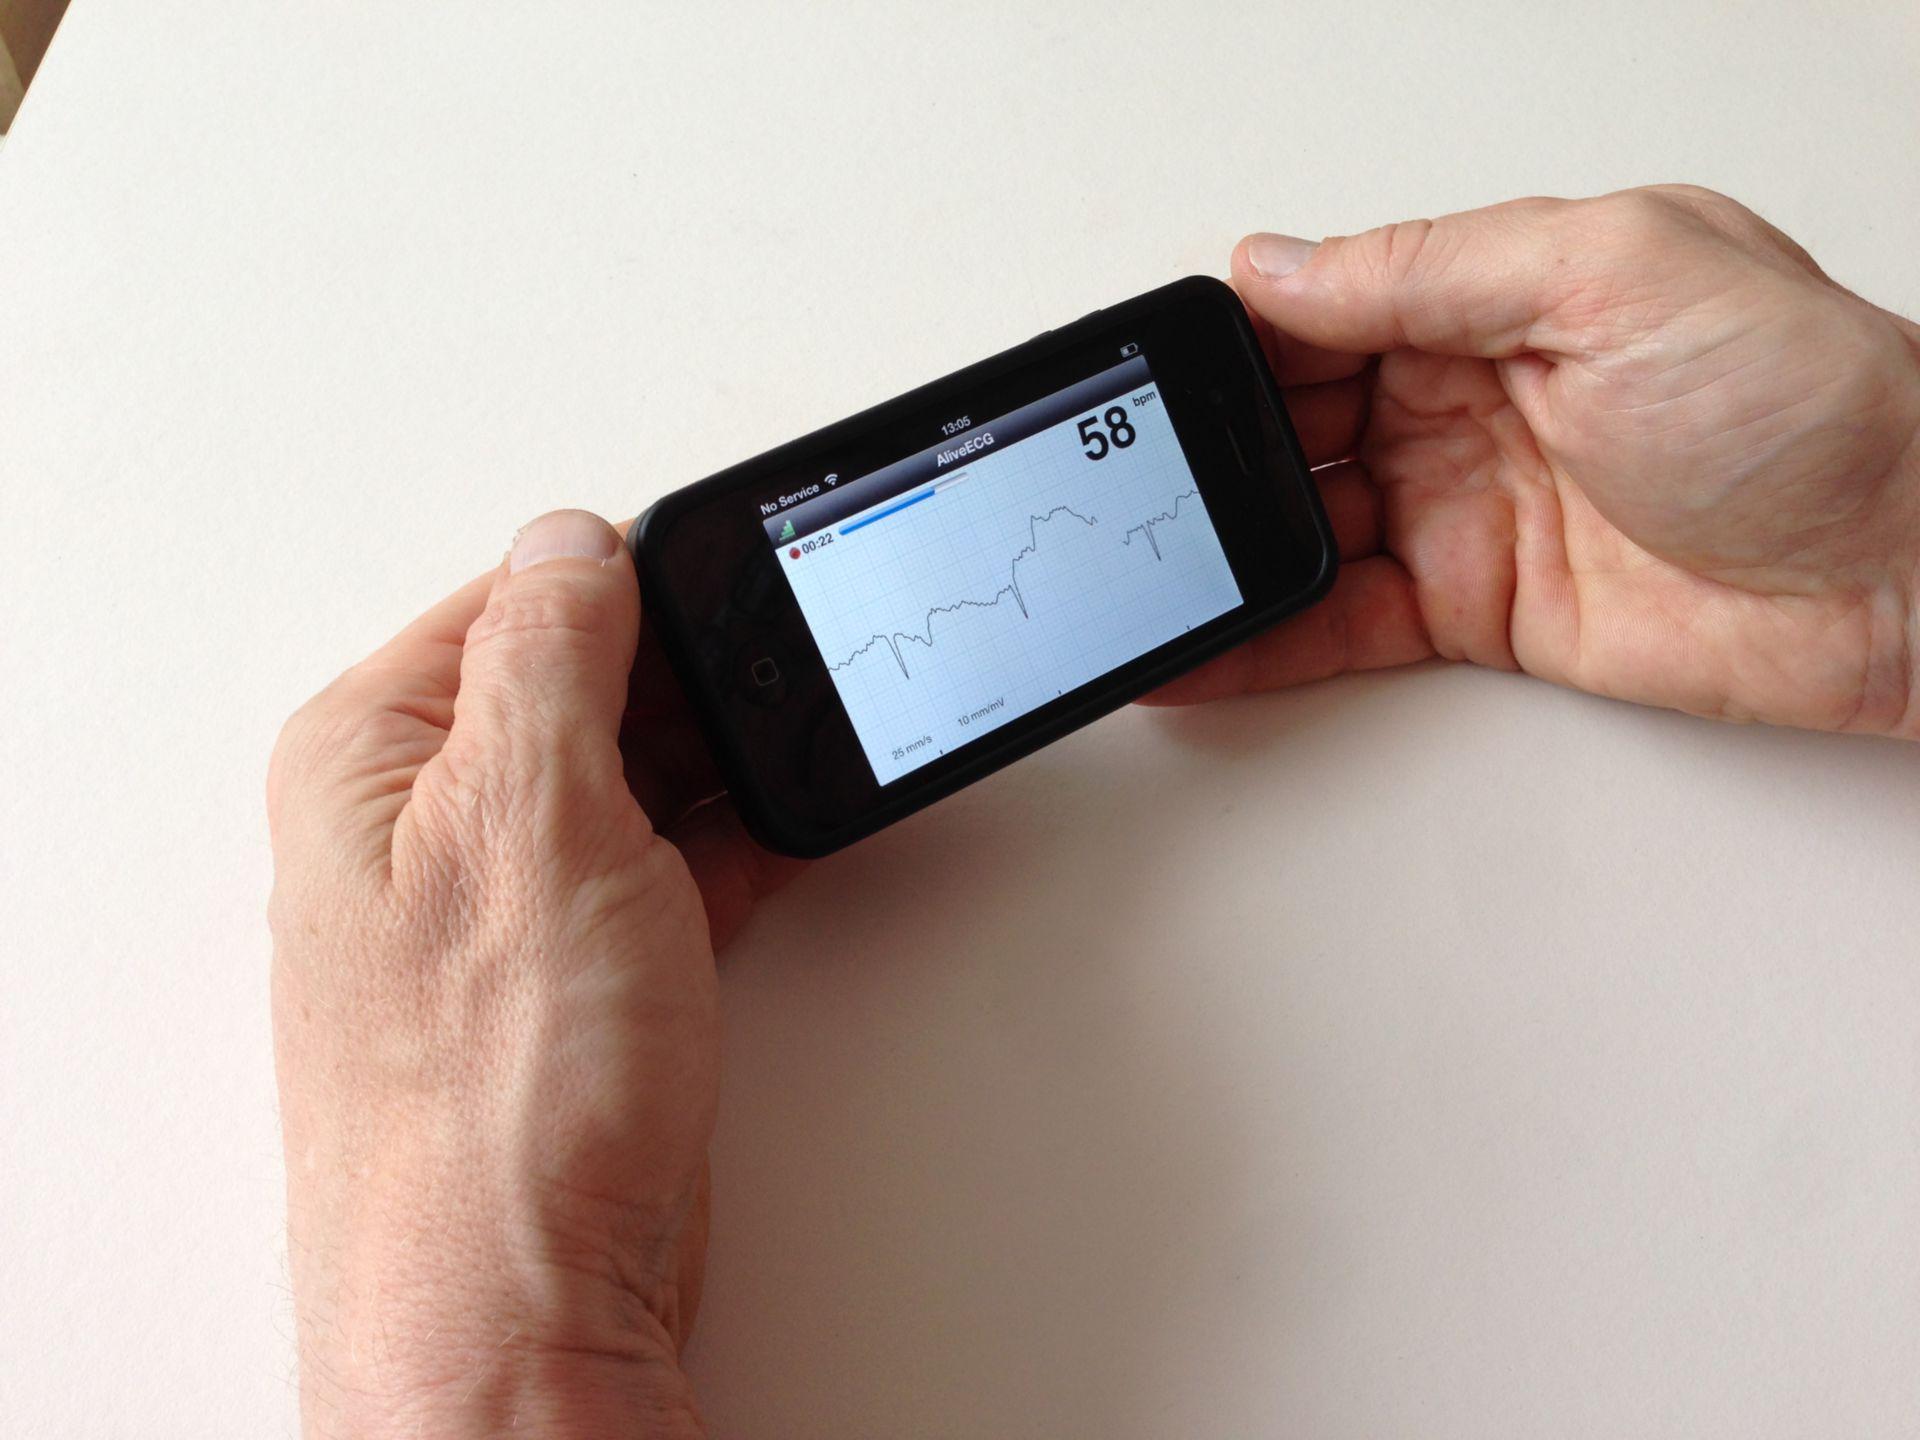 ECG per iPhone - AliveCor (2)